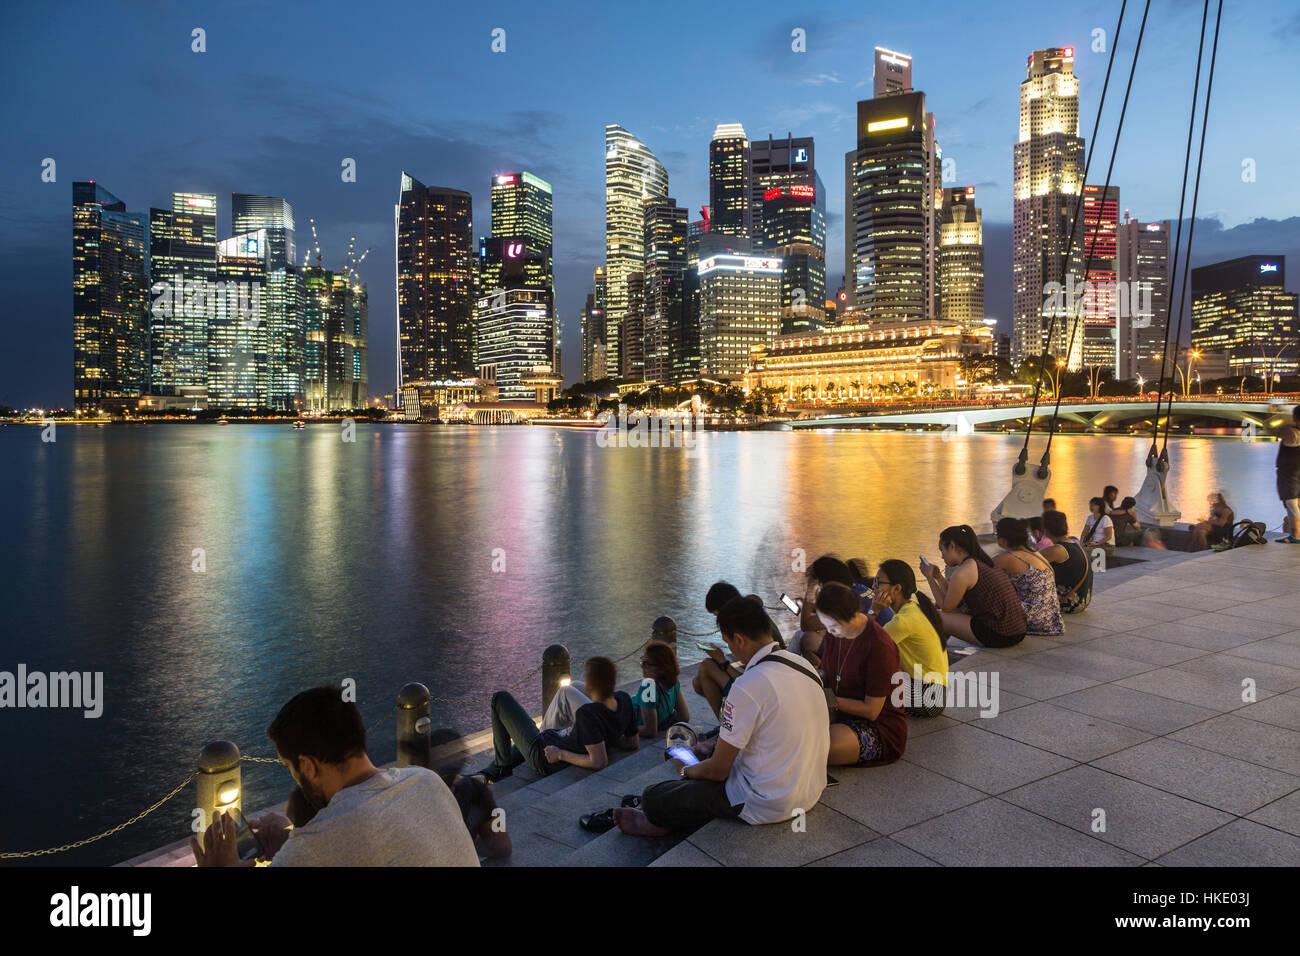 SINGAPORE, Singapore - 22 febbraio 2016: il turista a godere la vista sul famoso skyline di Singapore dalla marina. Immagini Stock